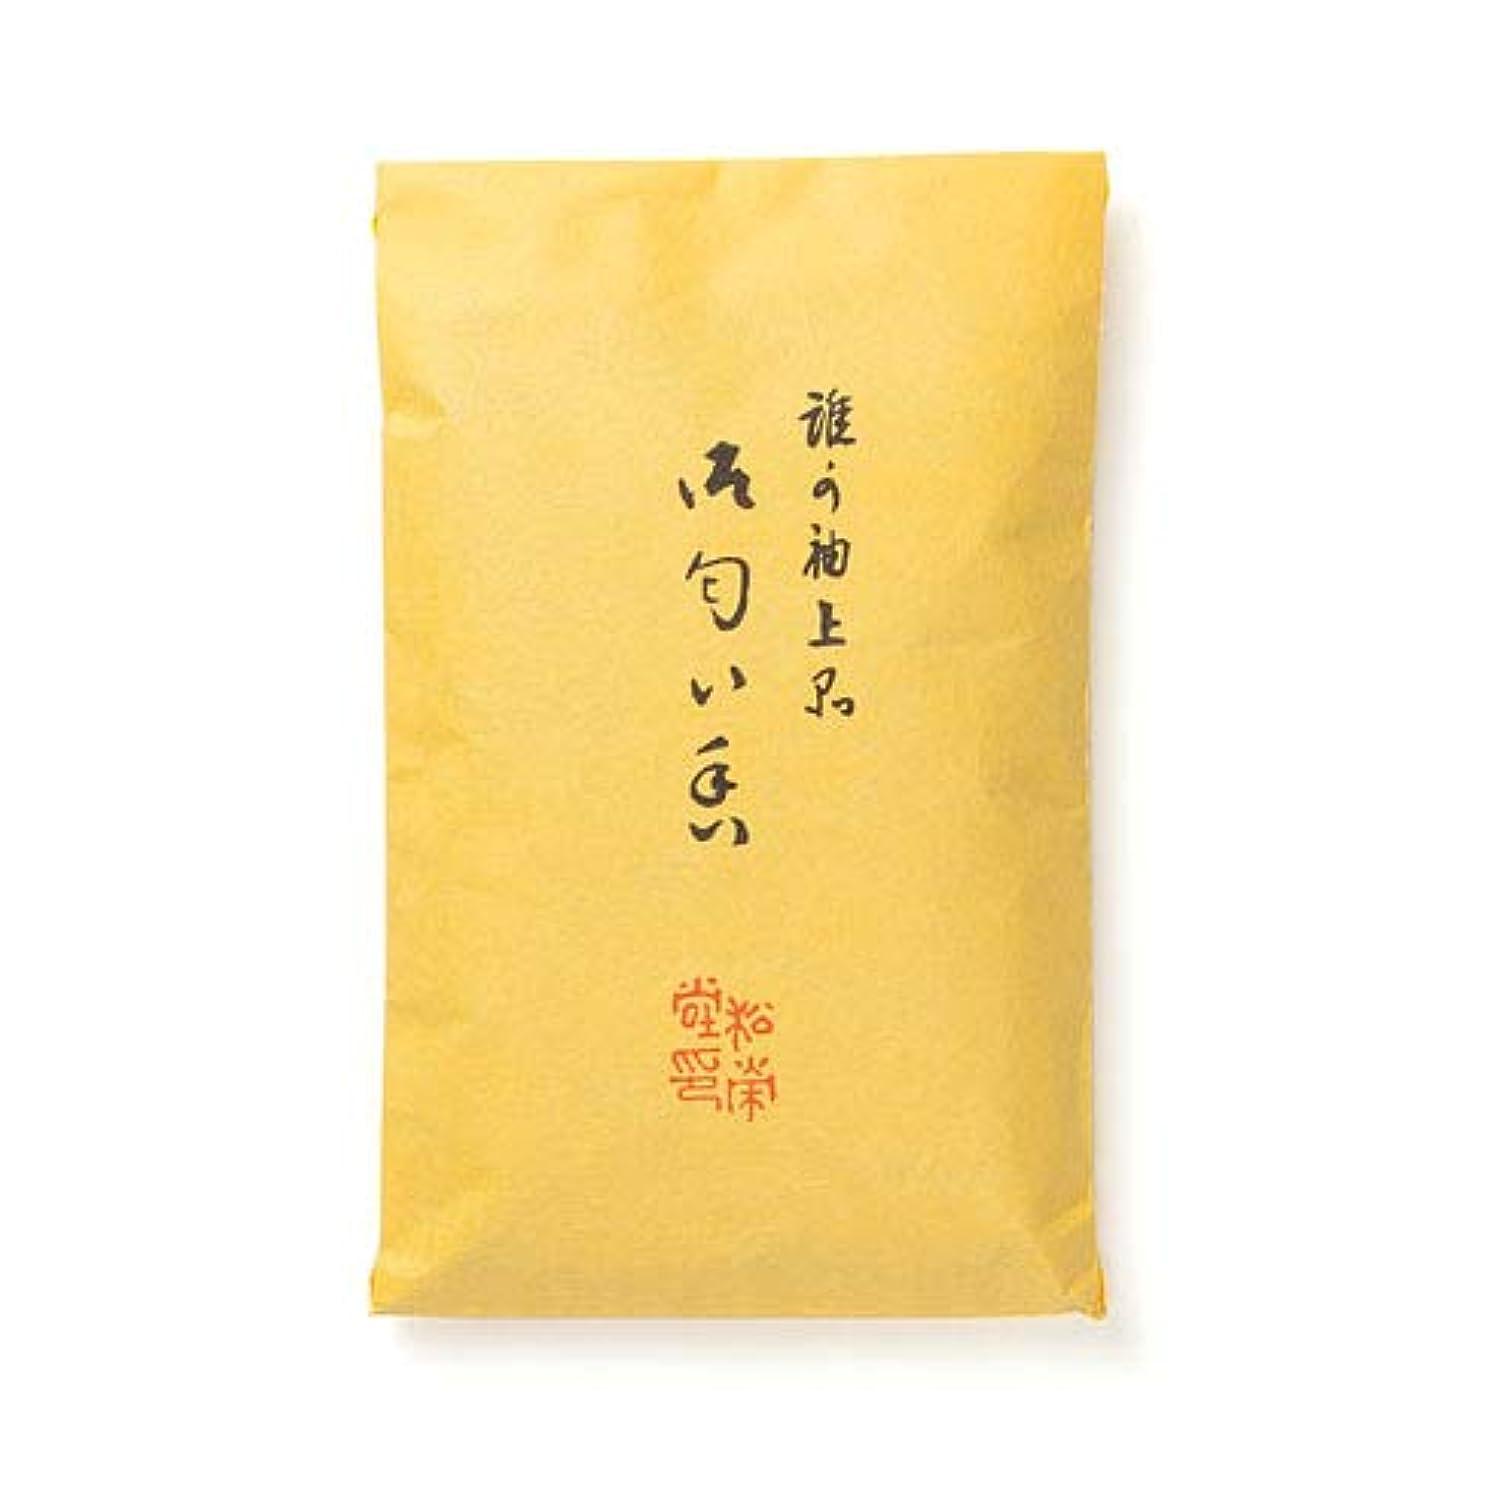 スクラッチしたいレパートリー松栄堂 誰が袖 上品 匂い香 50g袋入